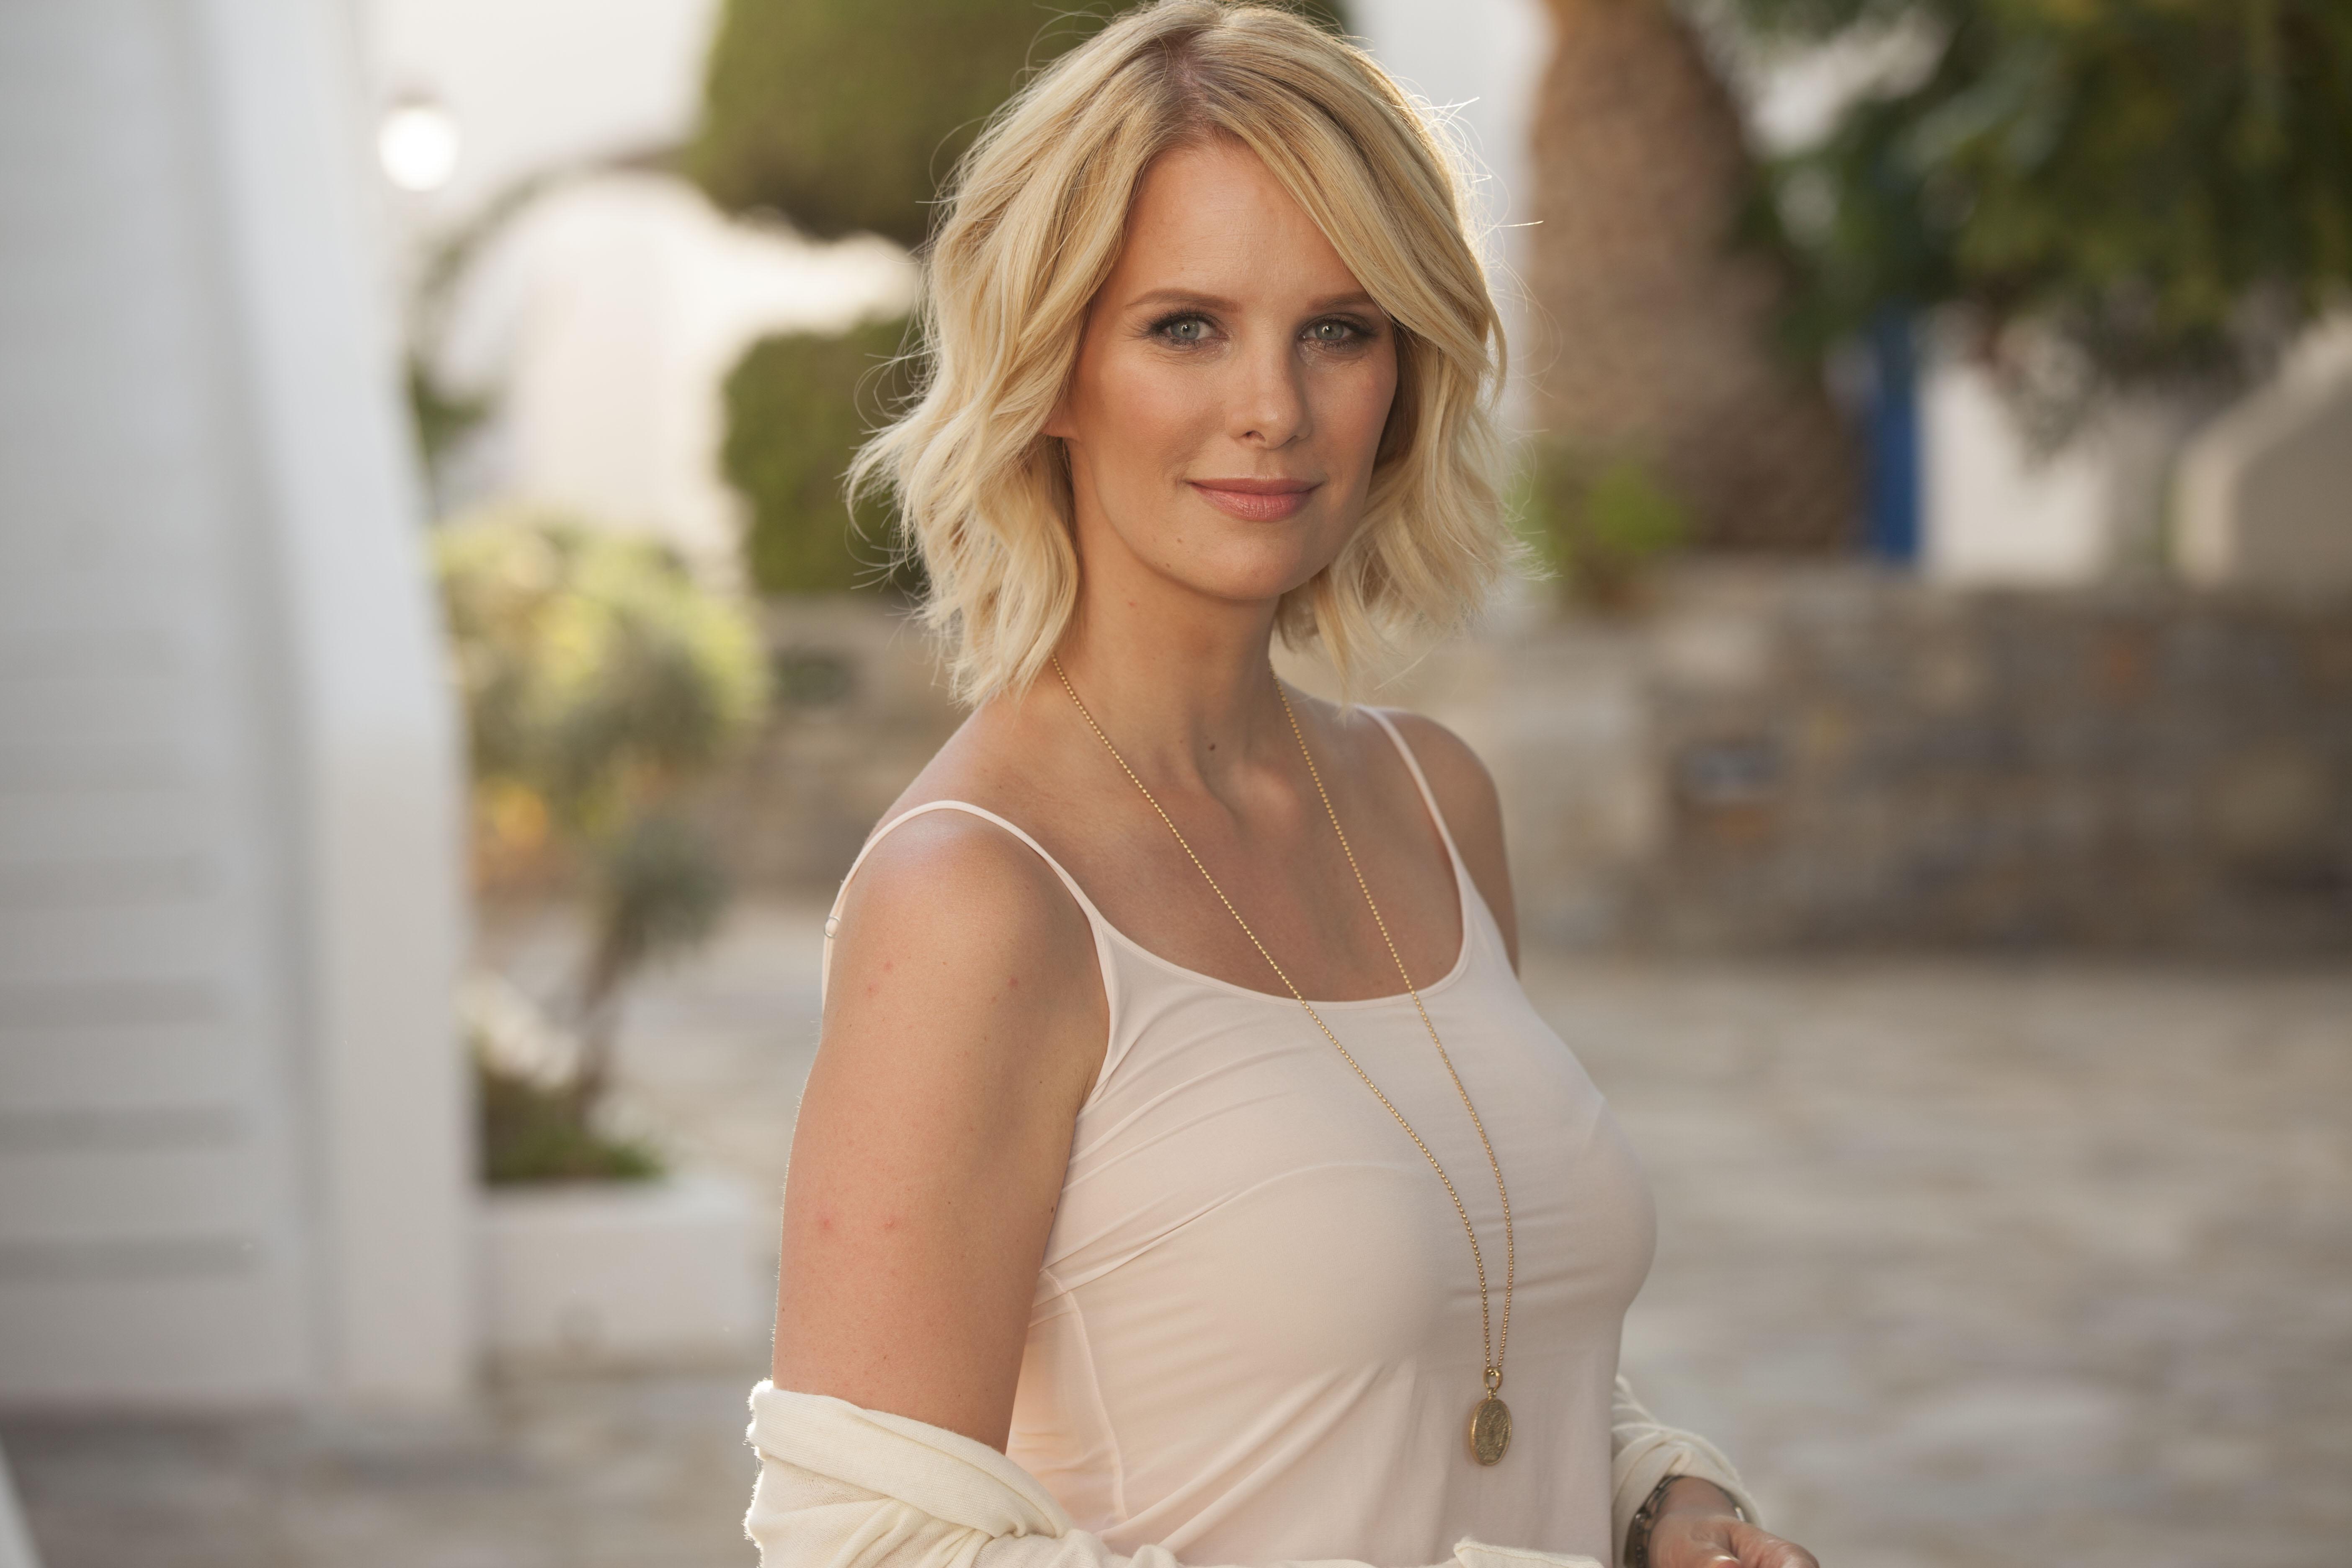 Beauty Tipps Monica Ivancan Blog